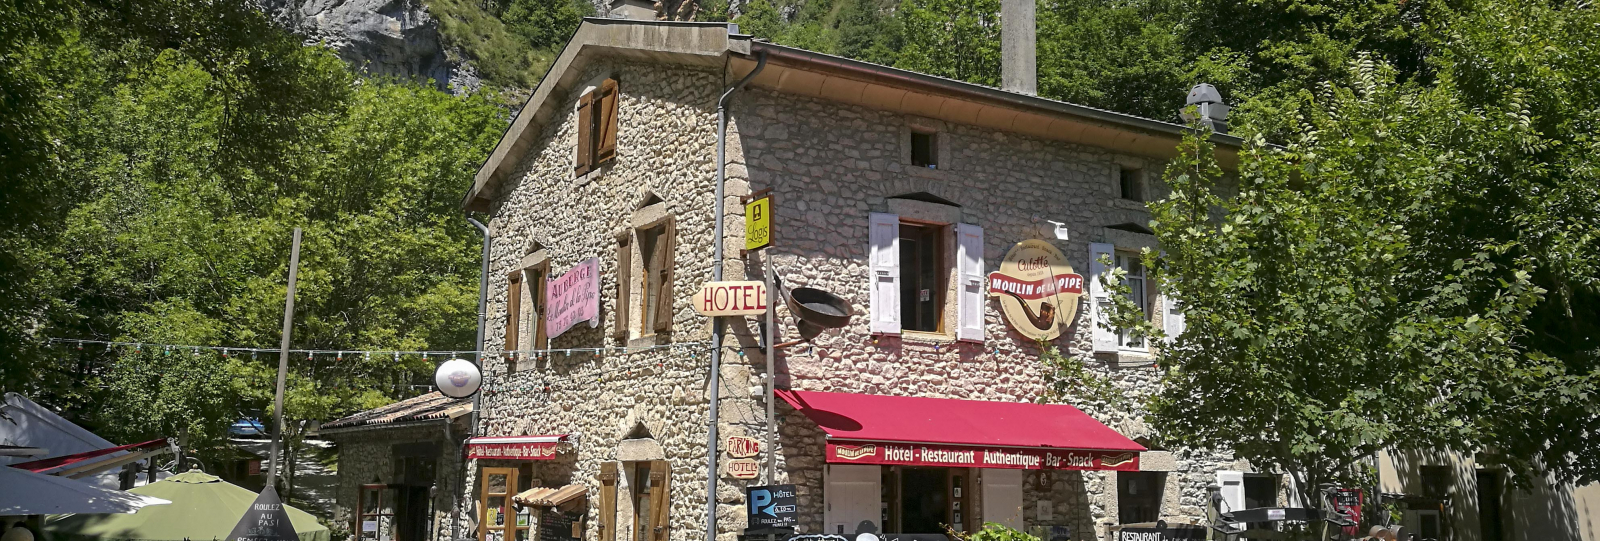 Hébergement groupes le Moulin de la Pipe